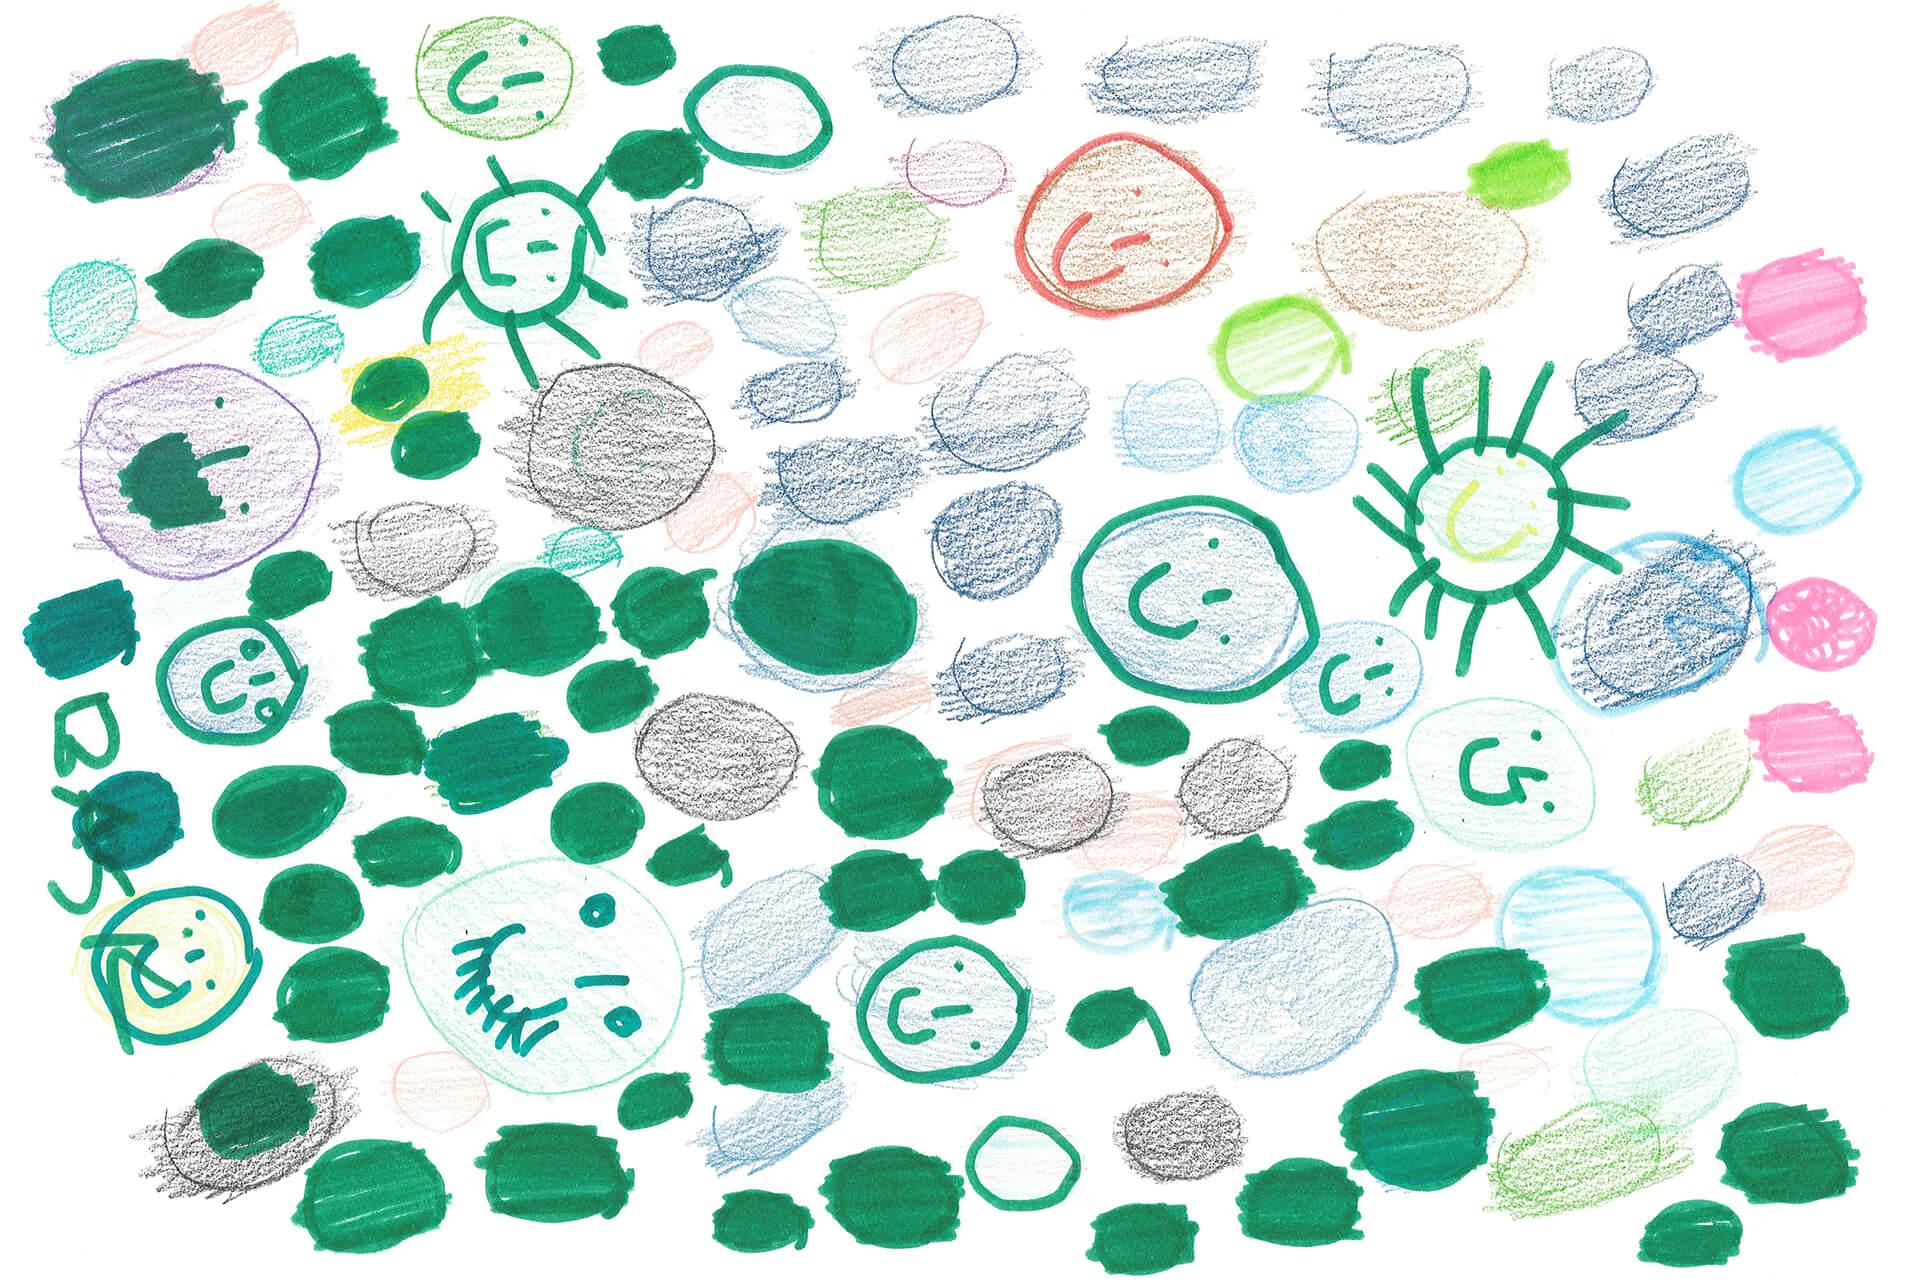 Viele kleine Viren in allen Farben, einige lächeln.